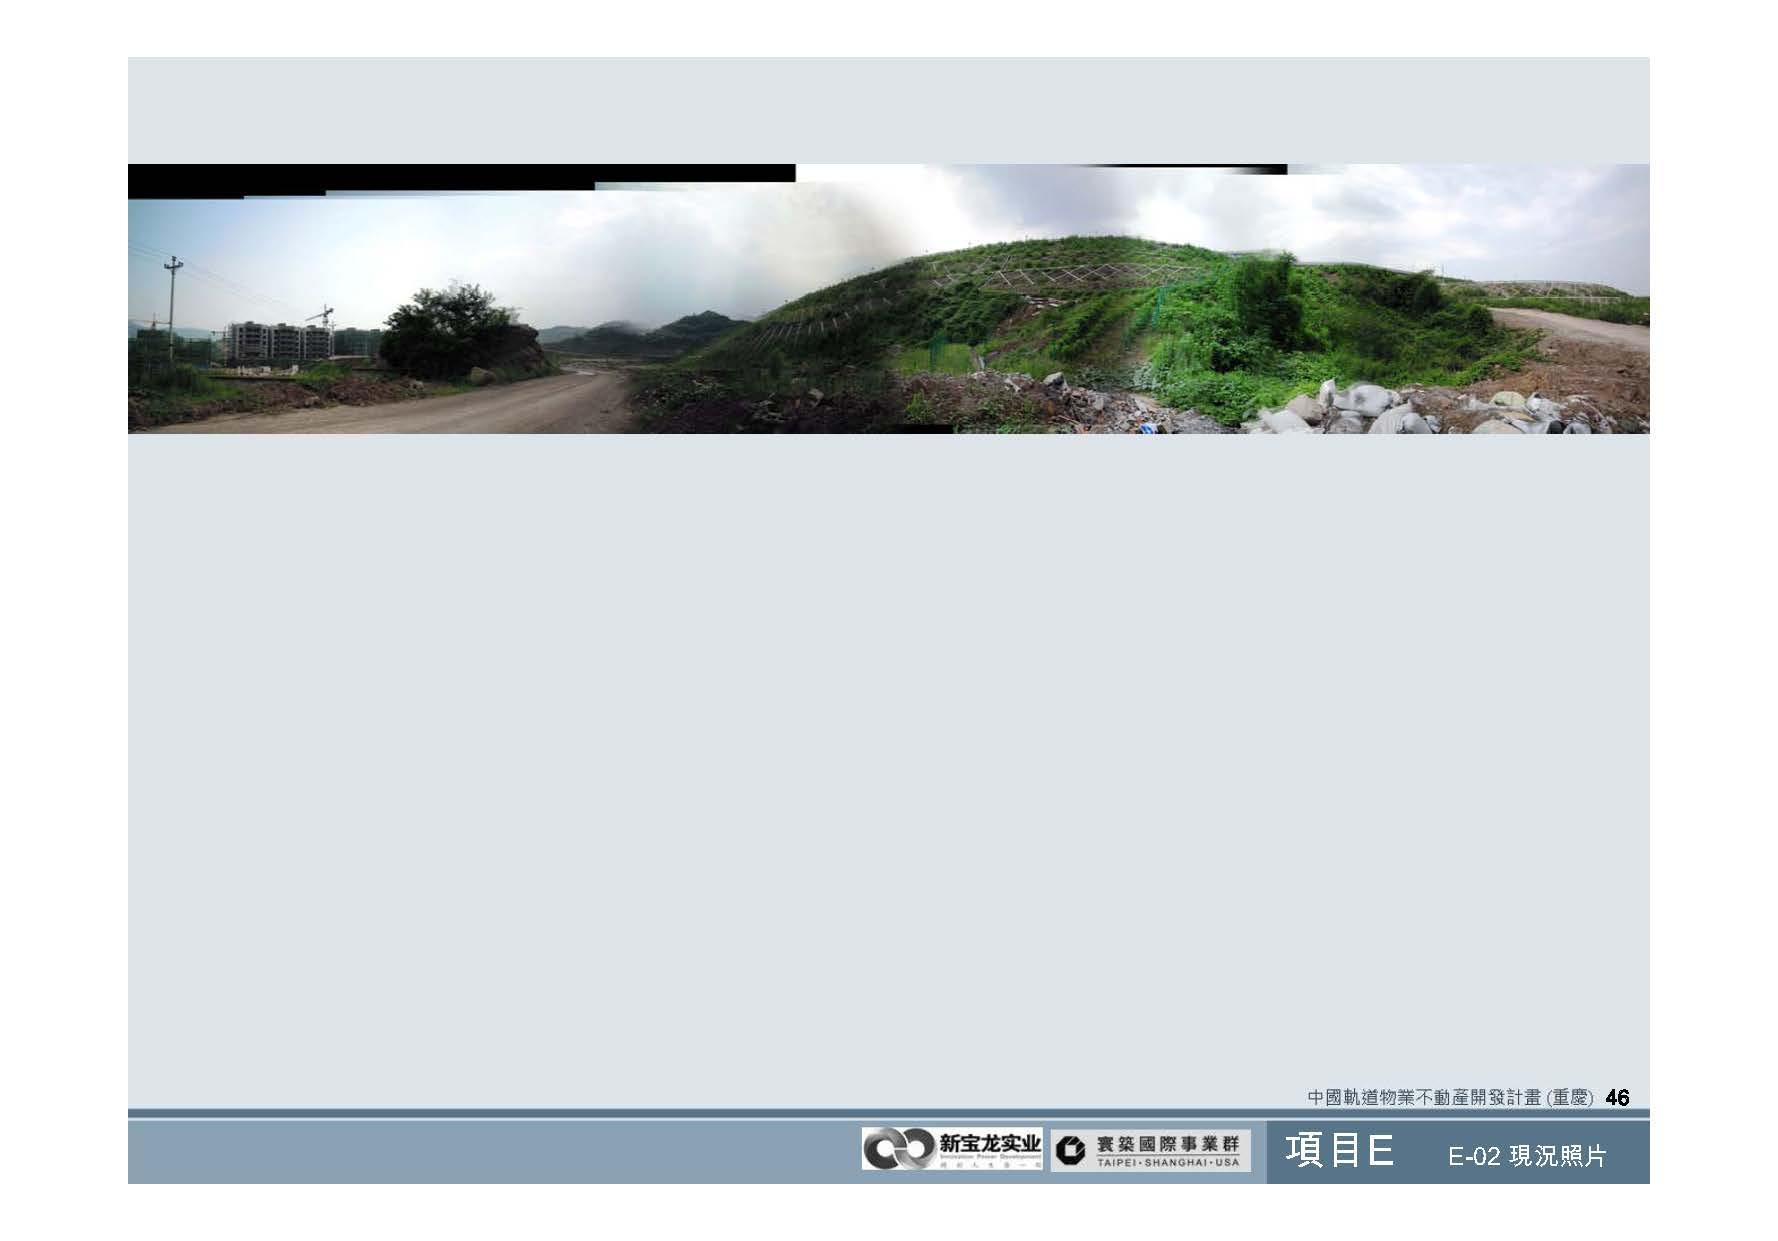 20100812-中國軌道物業不動產開發計畫(重慶)_頁面_47